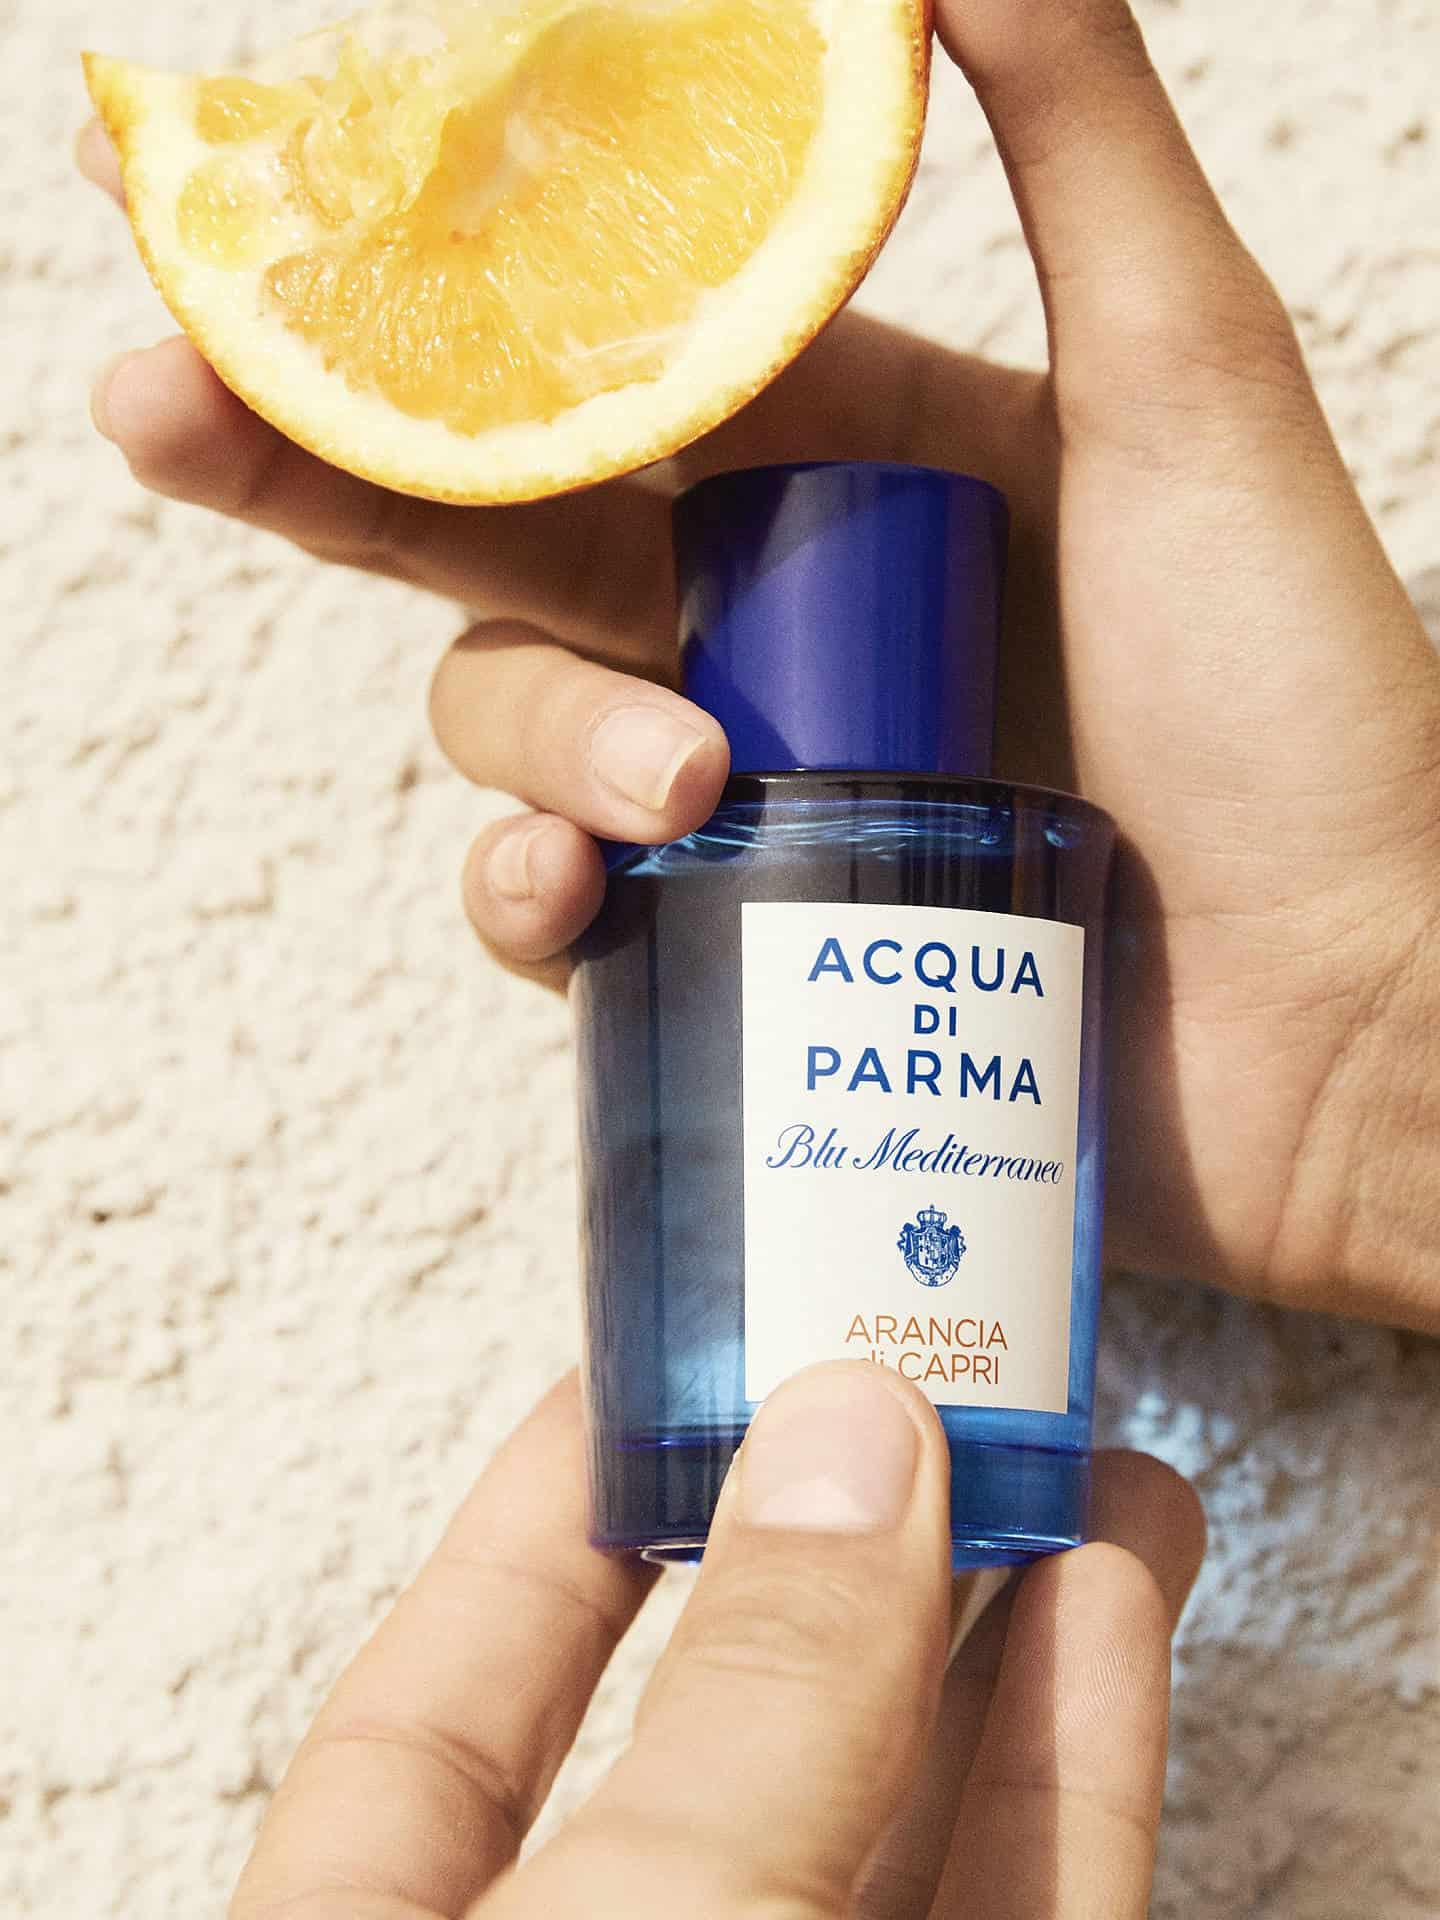 000327264alt2 - ادو تویلت مردانه آکوا دی پارما سری Blu Mediterraneo مدل Arancia Di Capri حجم 150 میلی لیتر